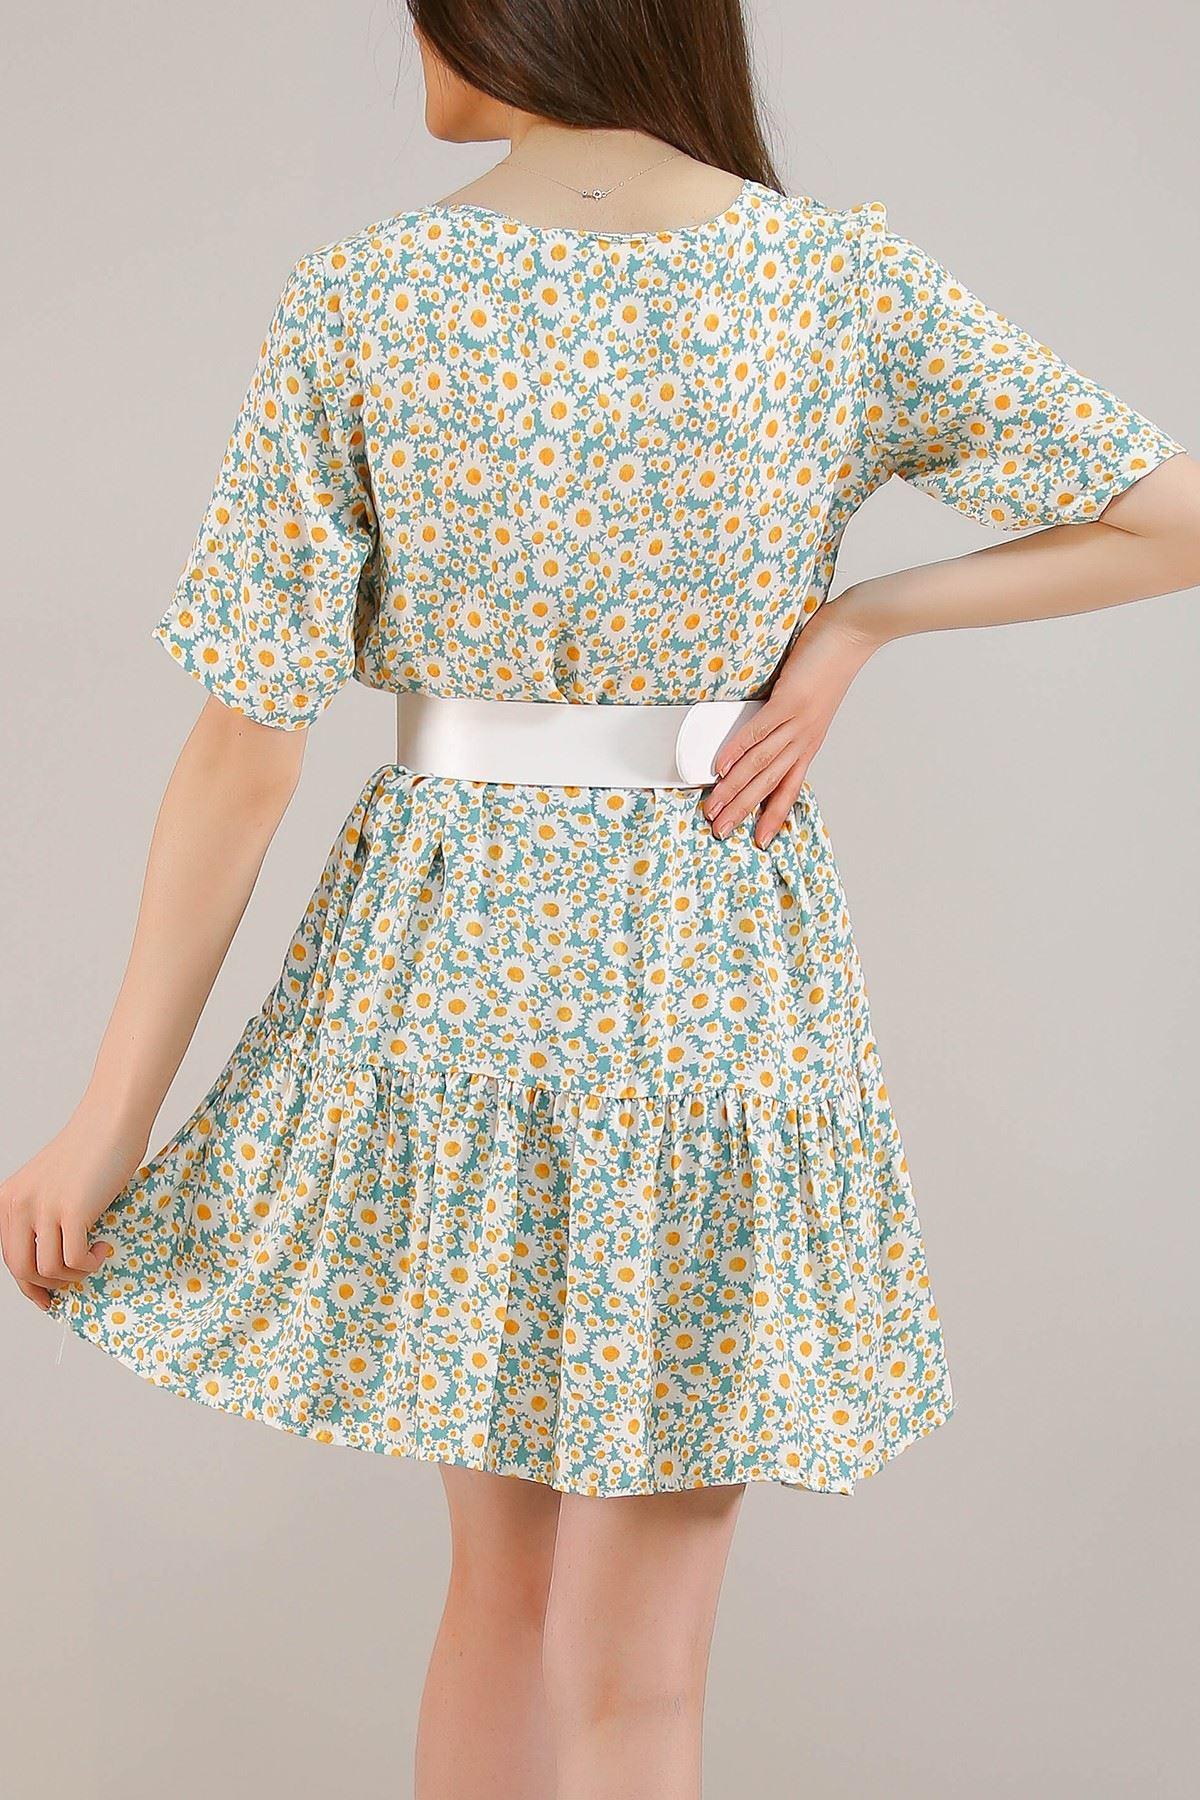 Çerçeve Yaka Kısa Elbise Mintbeyaz - 5221.701.